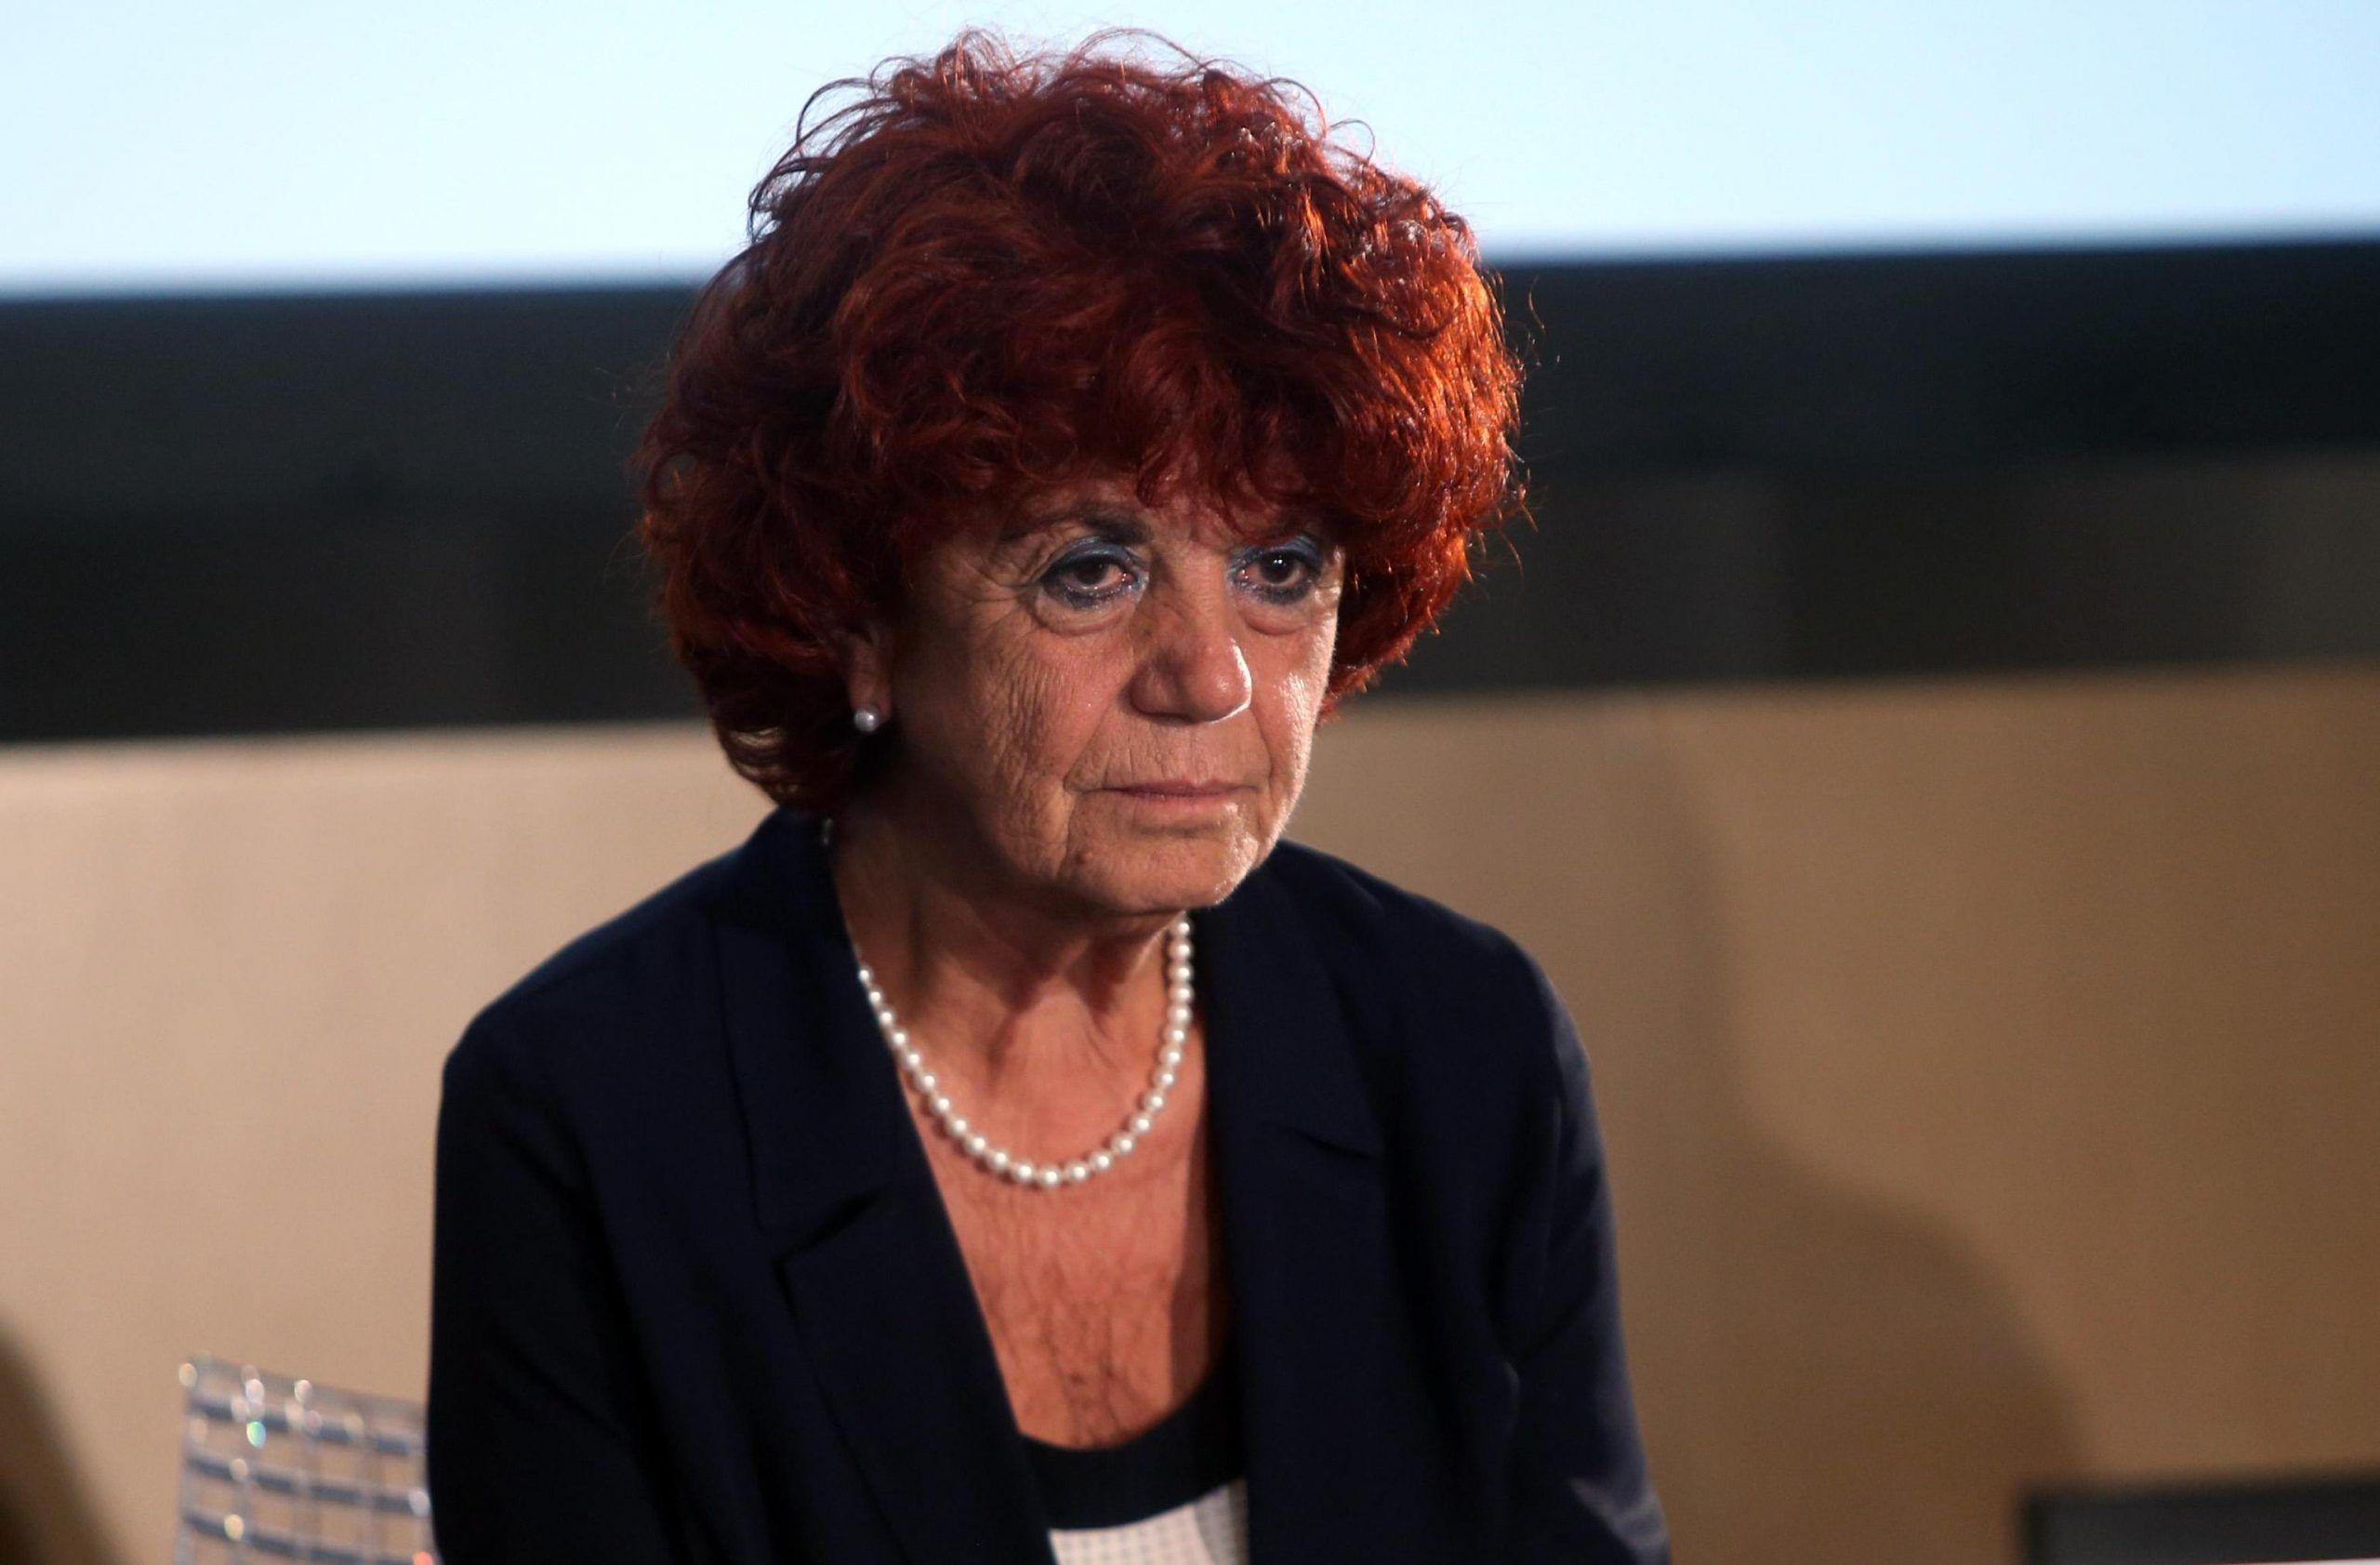 ++ Sindacati: Fedeli, Di Maio dimostra non conoscere Carta ++